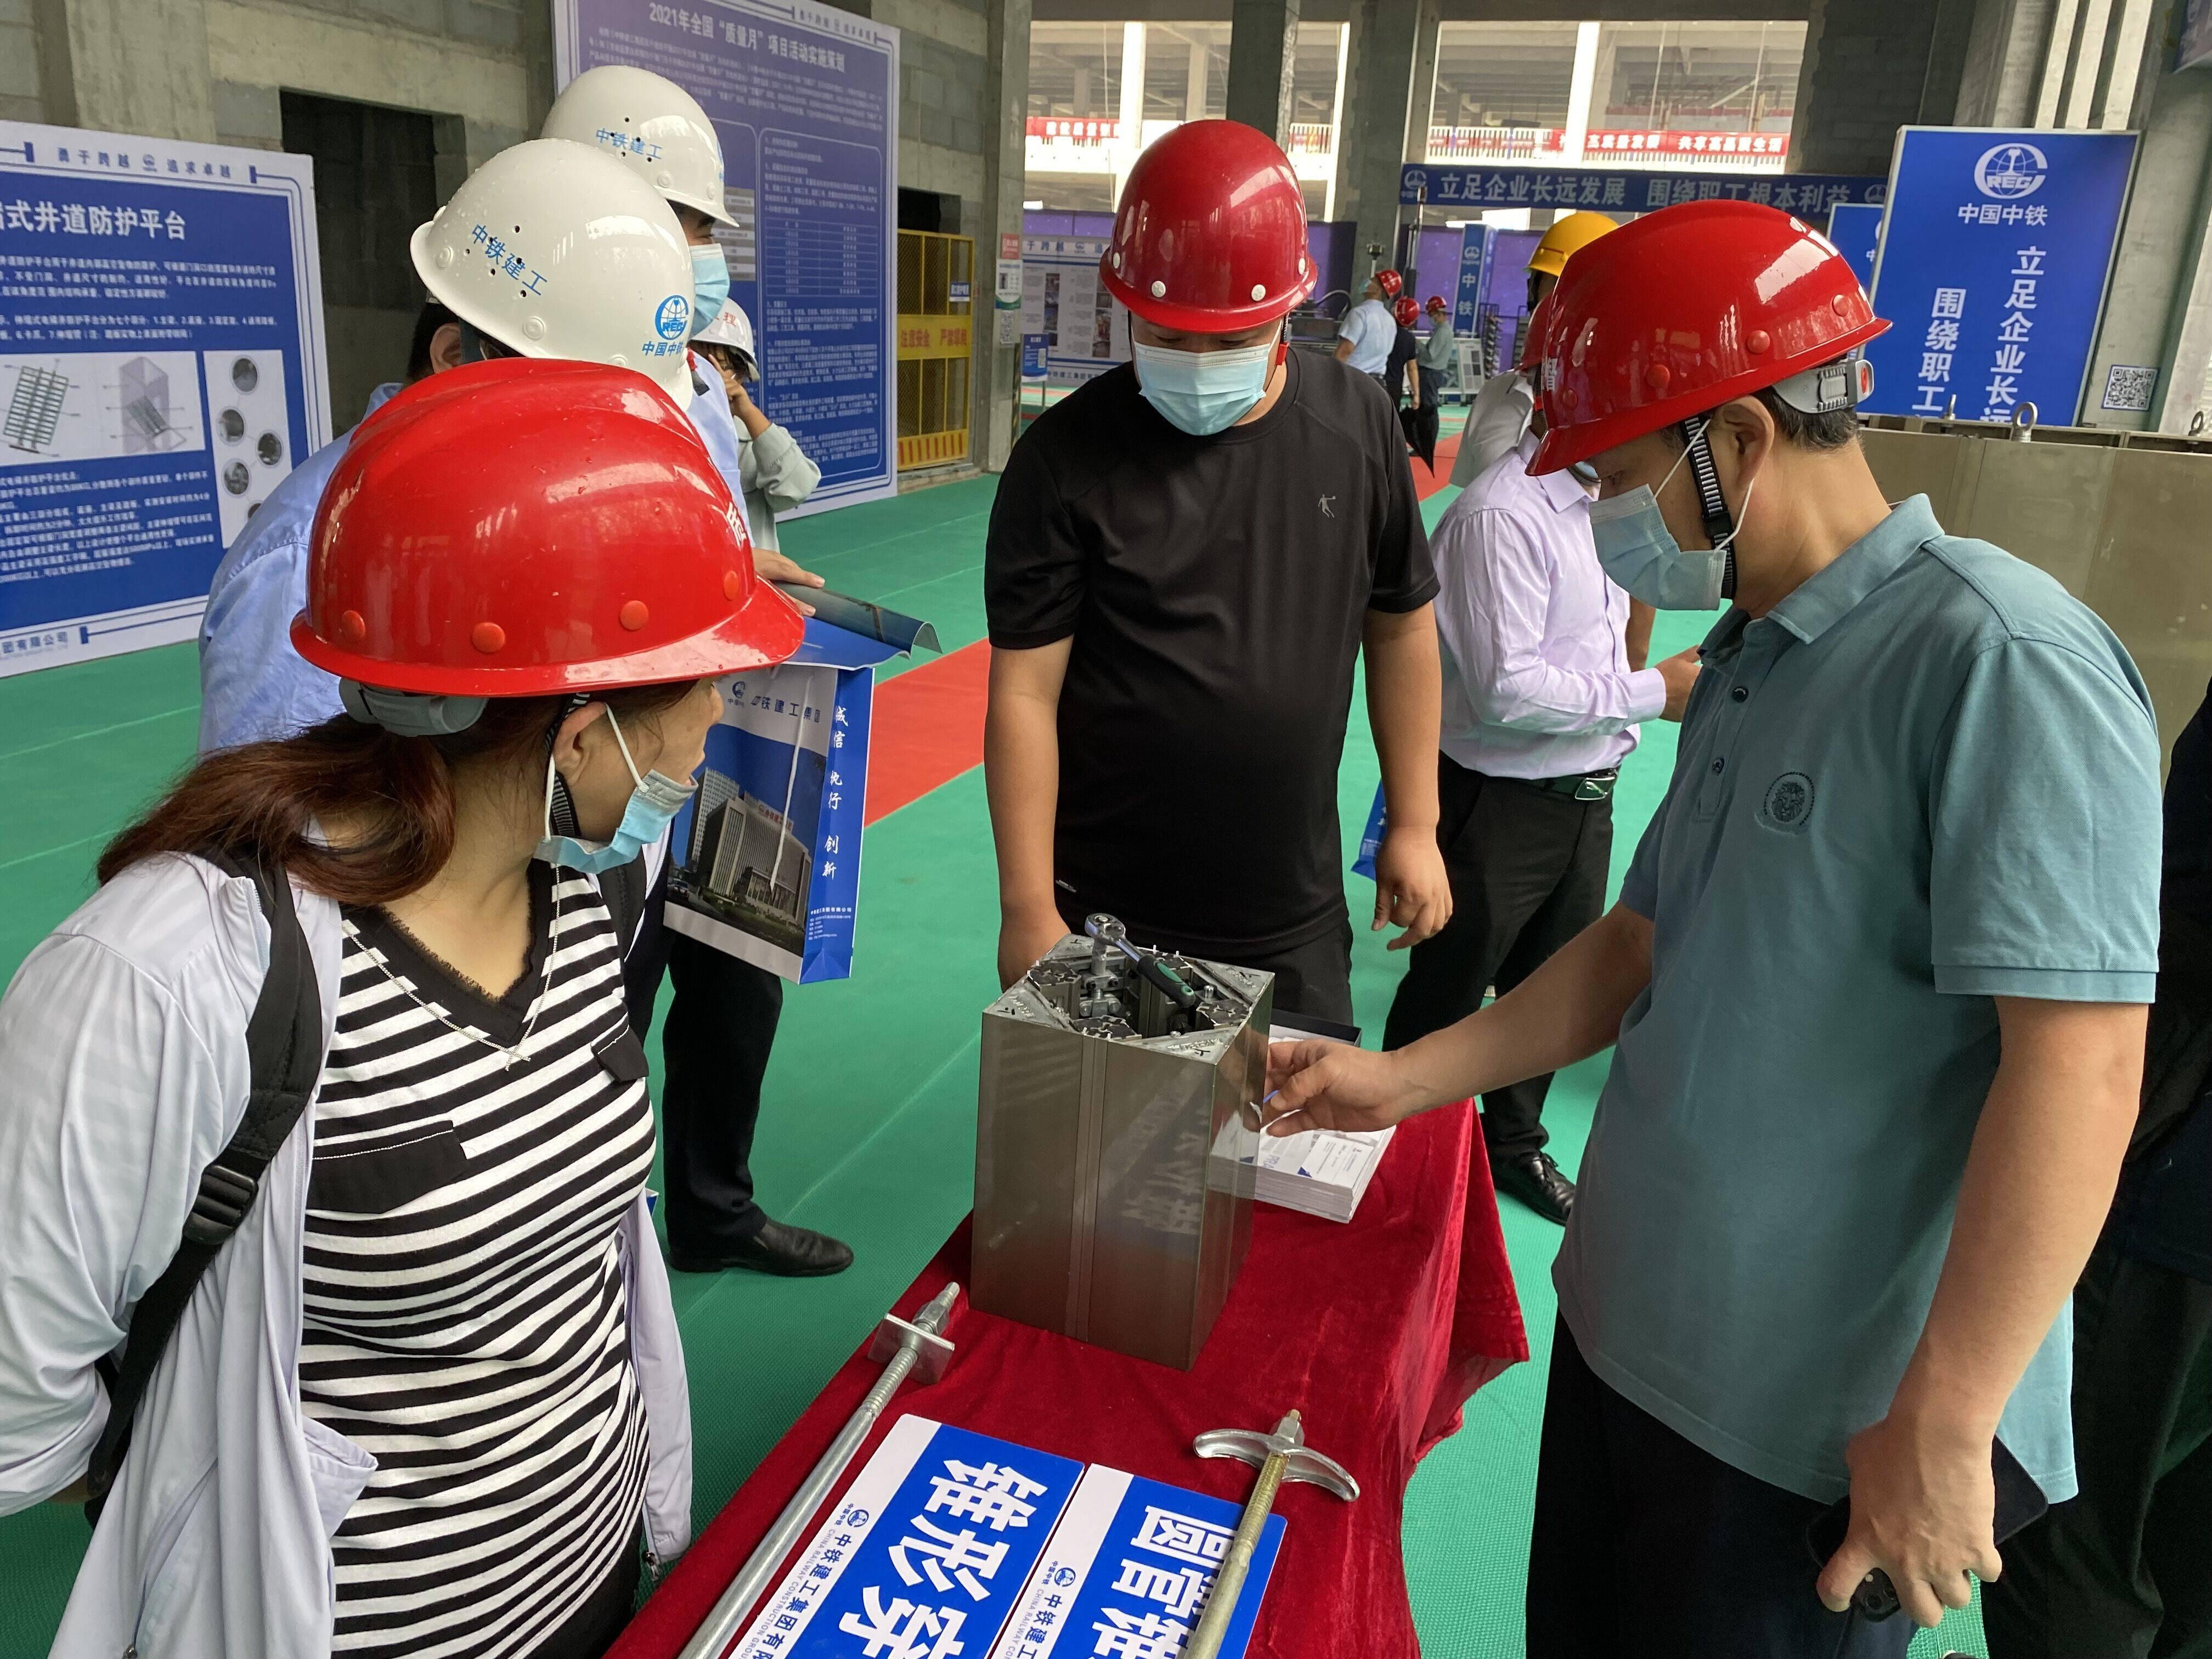 强化工程质量安全监管 济南打造智慧化工地提升安全生产水平